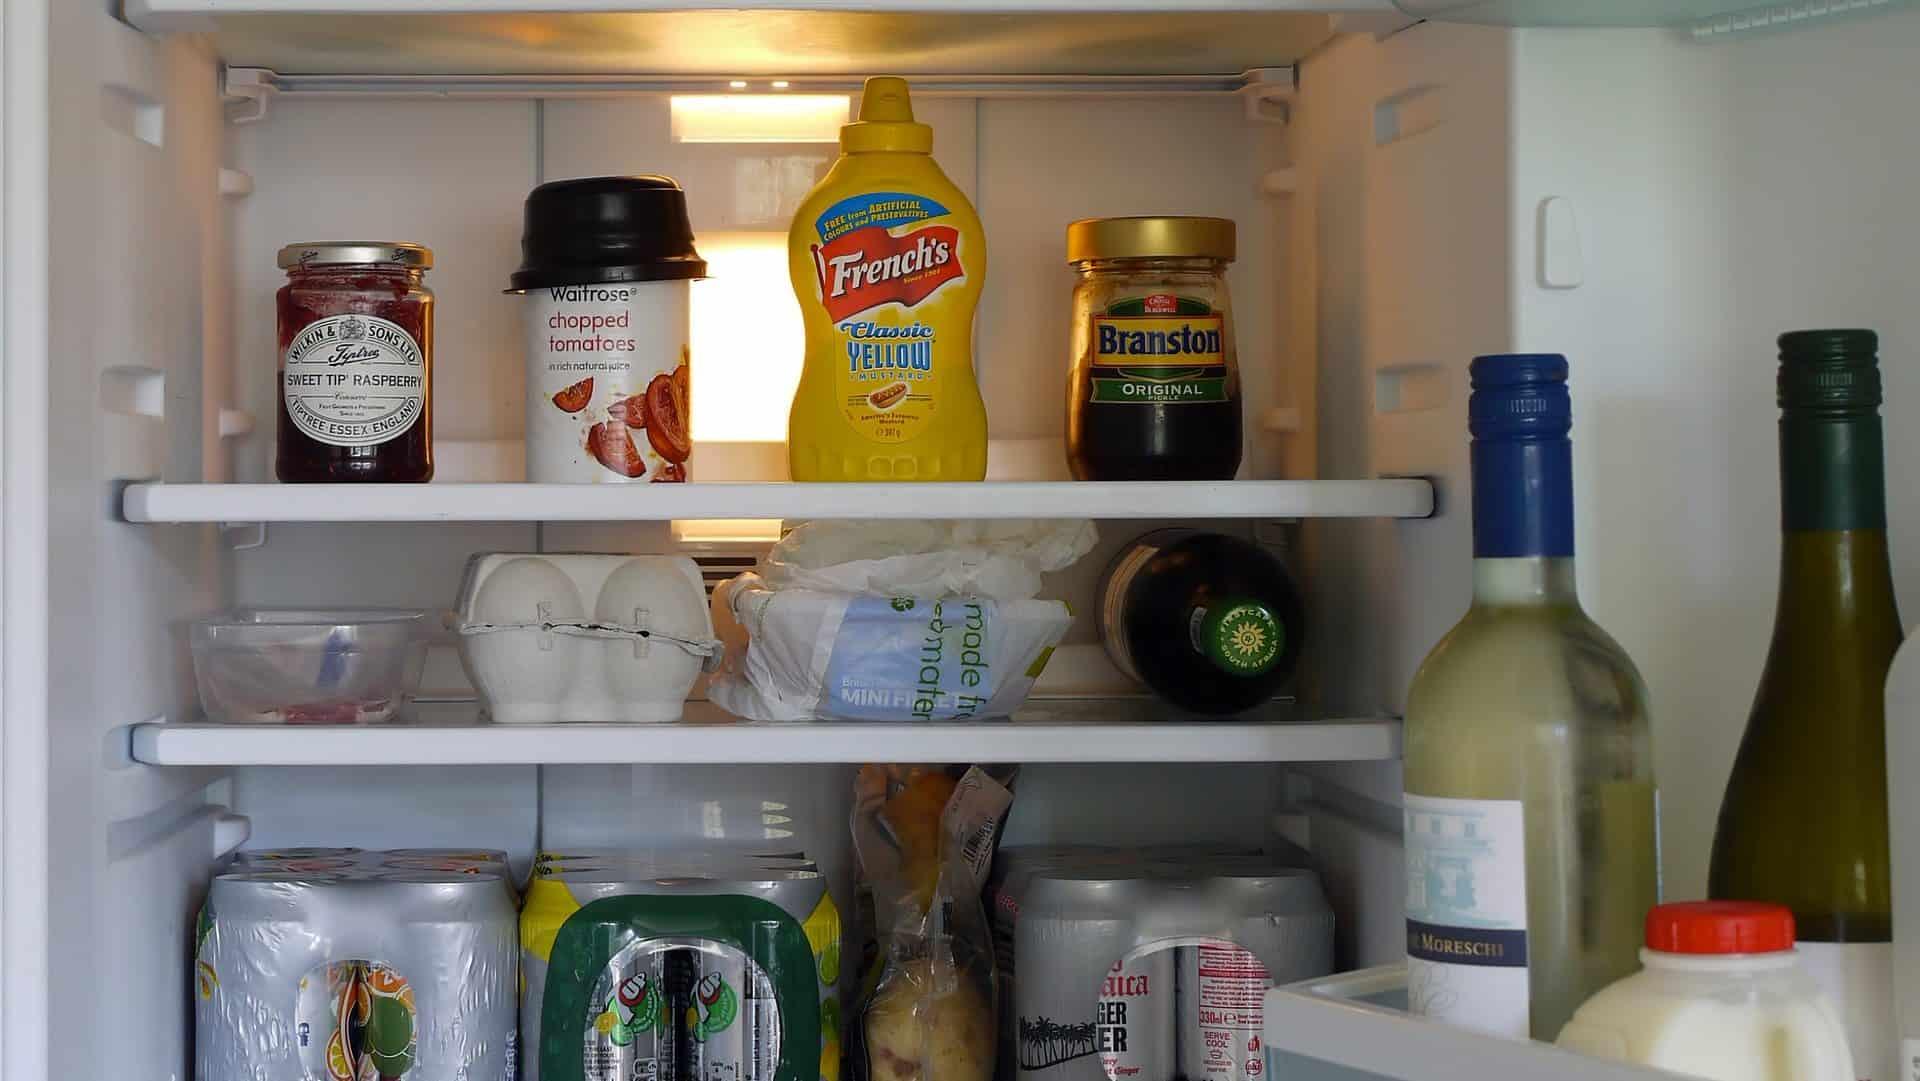 Binnenkant van een gevulde koelkast. Vooraanzicht.